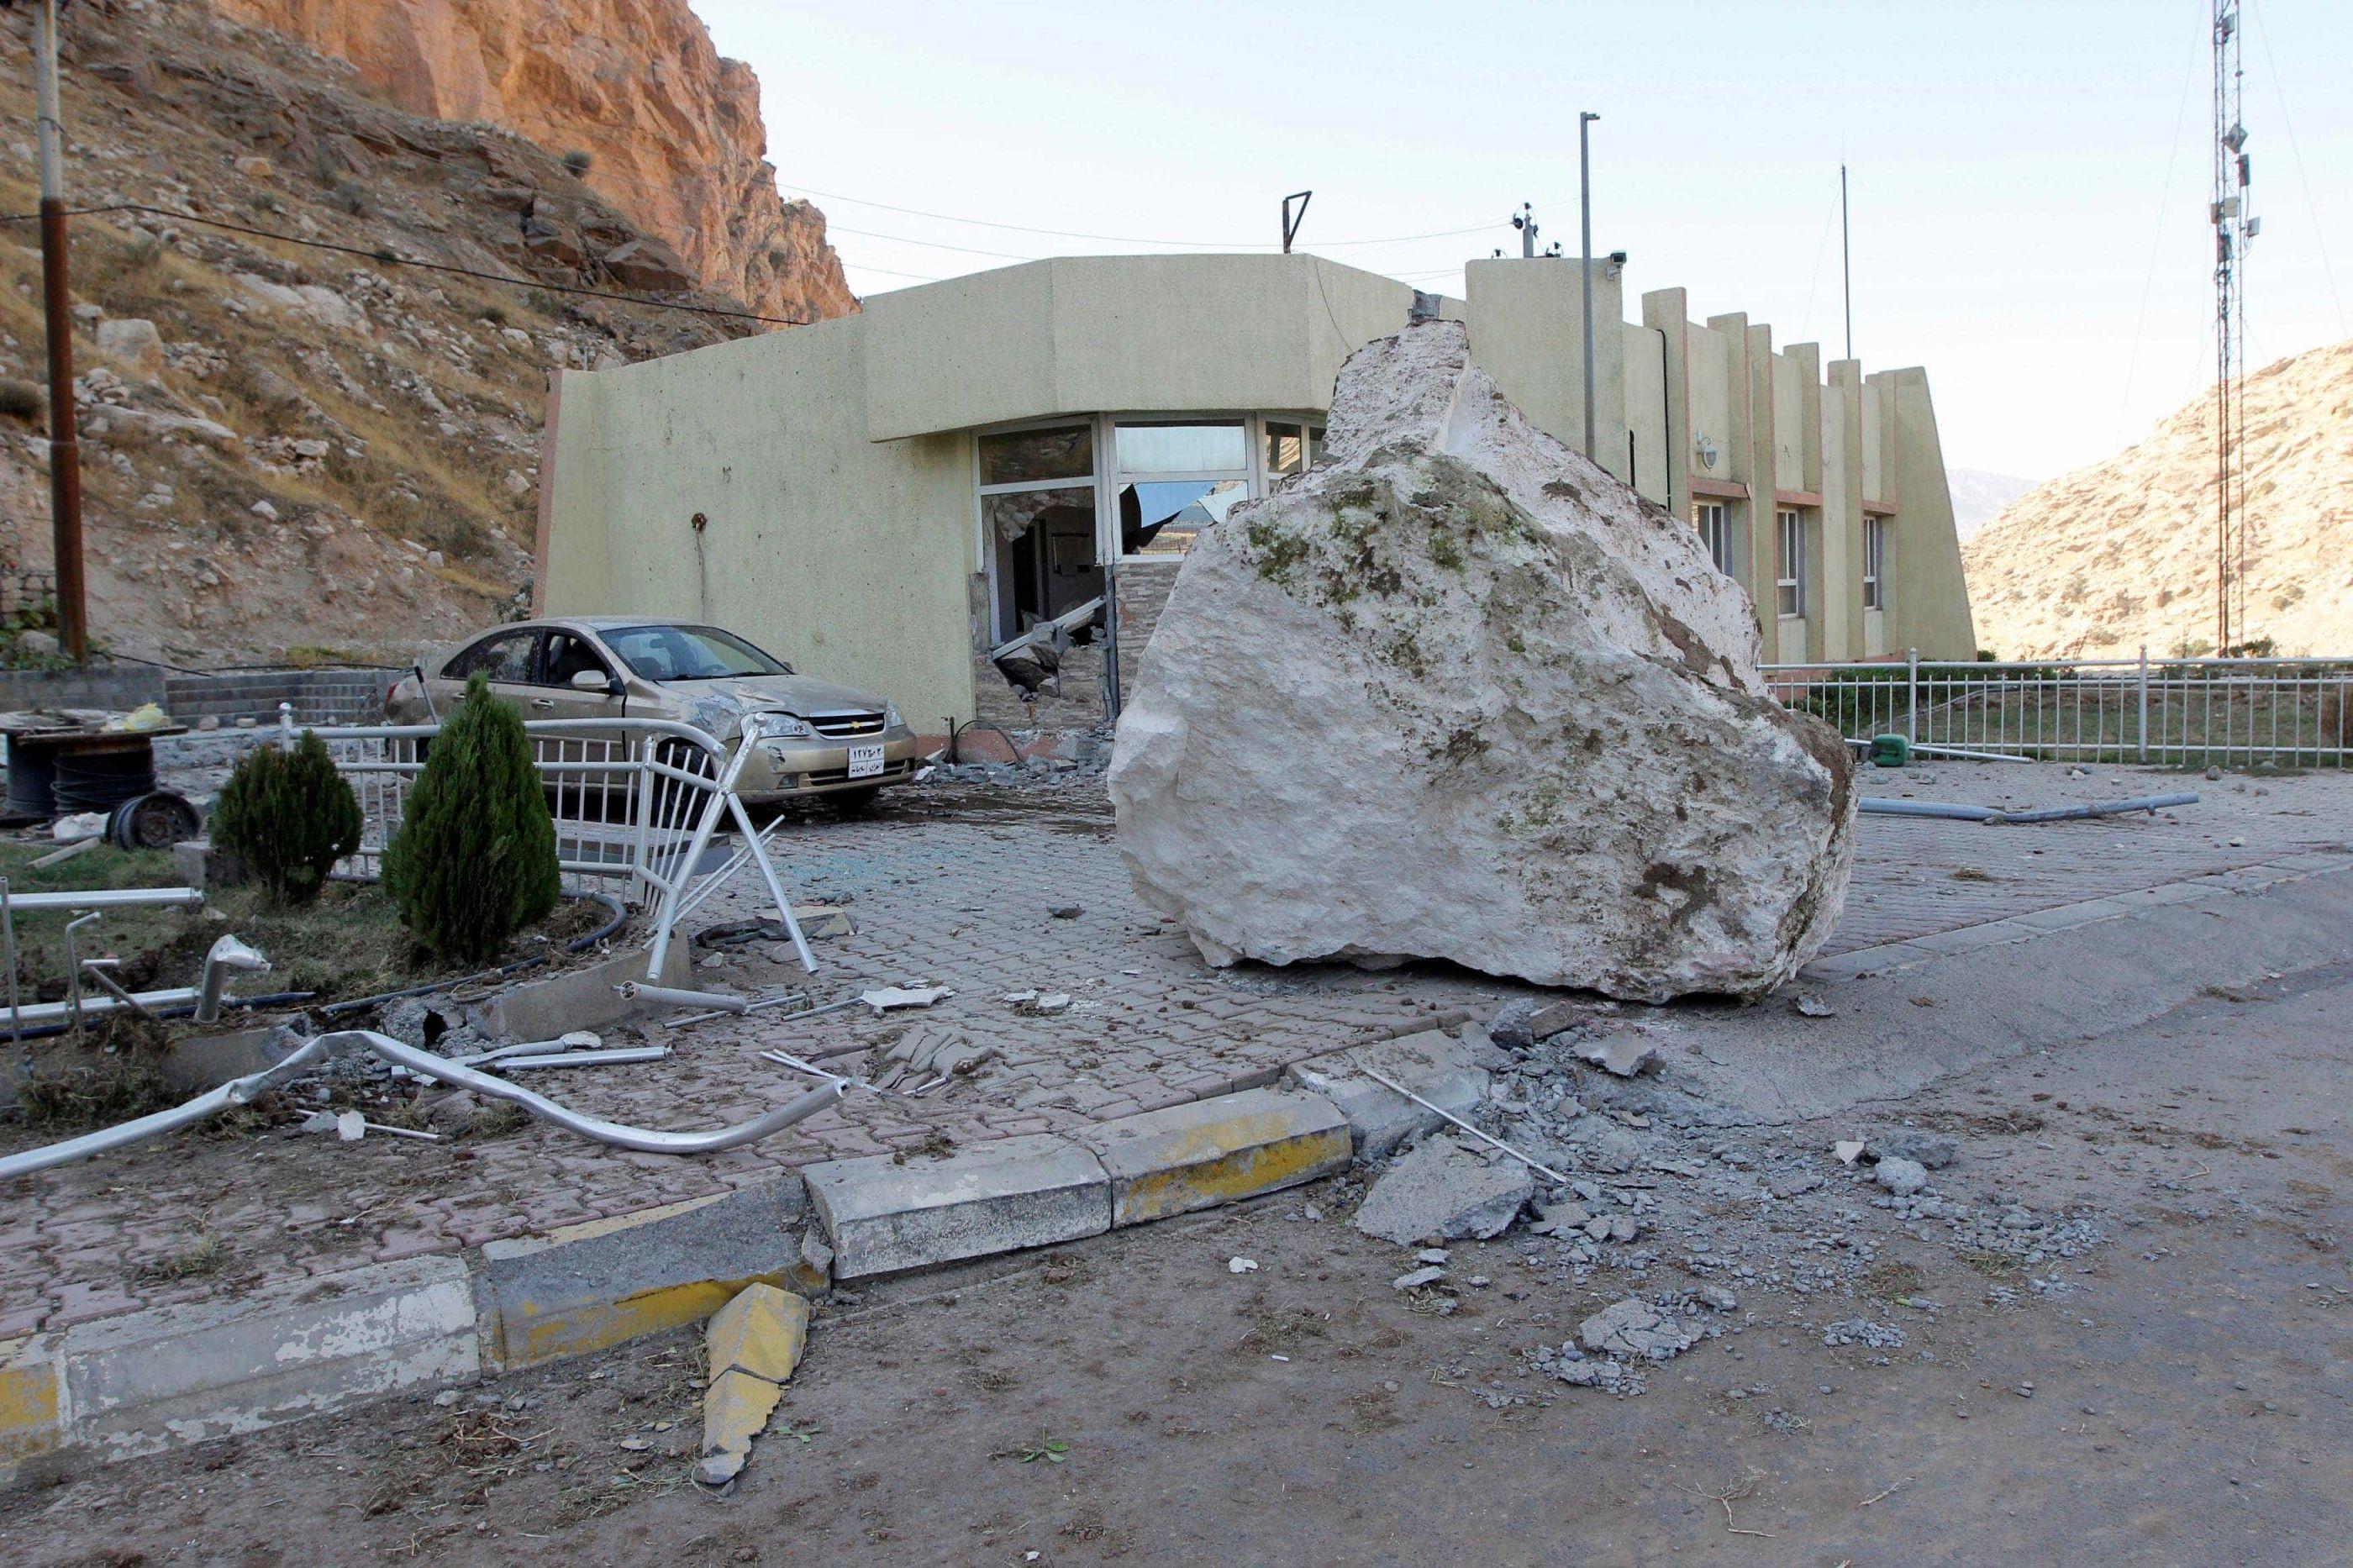 Carro-bomba explode no Iraque faz um morto e nove feridos